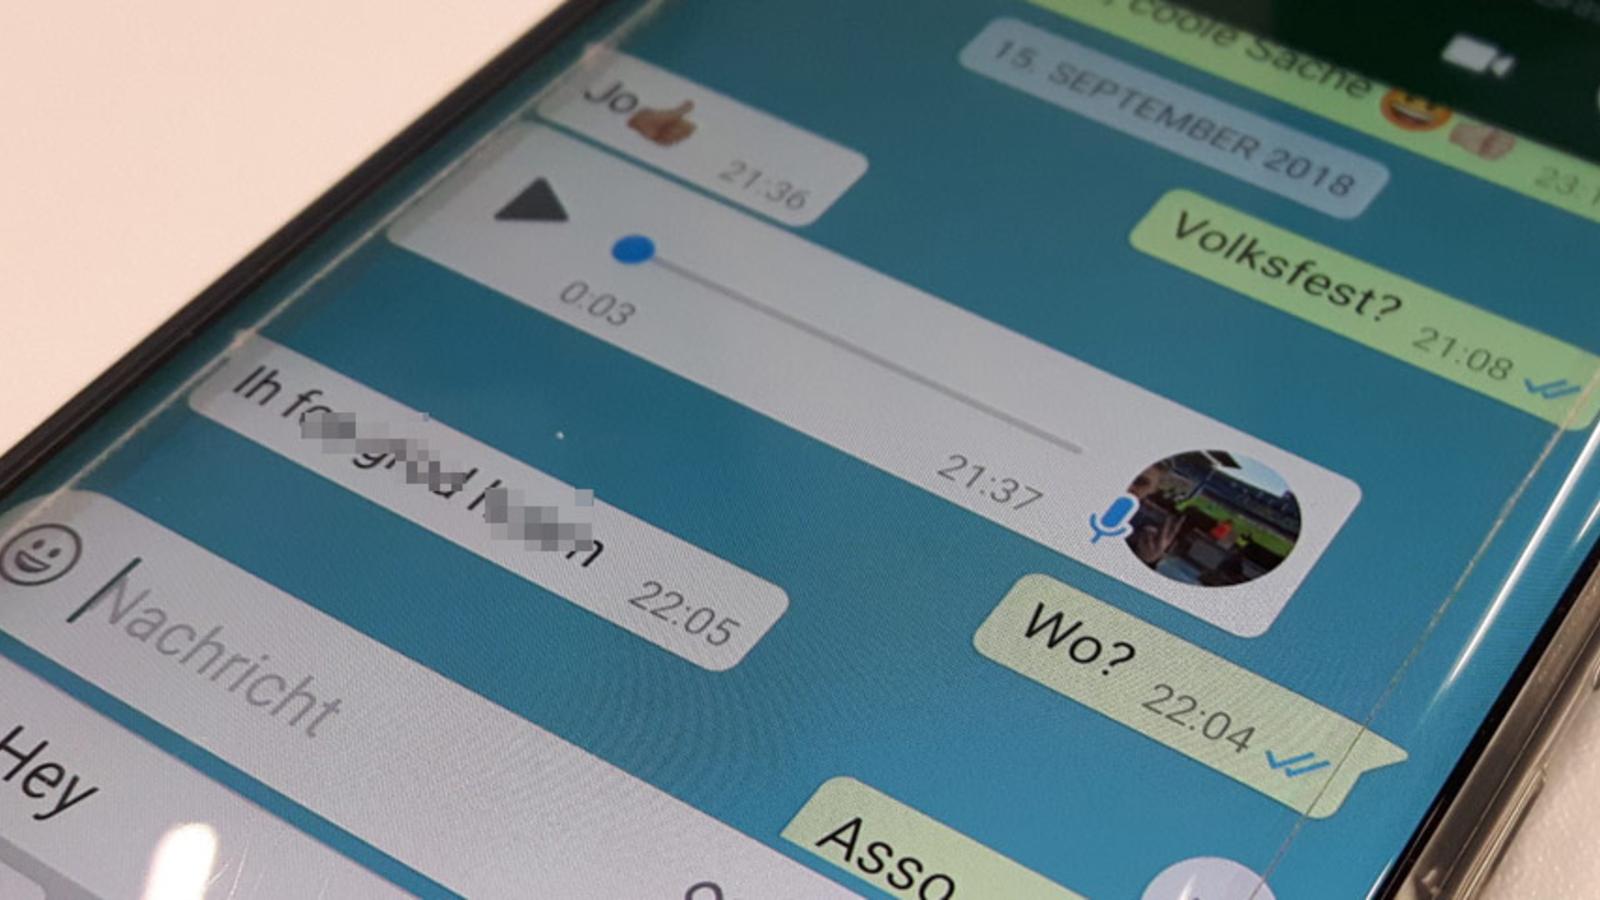 WhatsApp Sprachnachricht anhören ohne blaue Haken